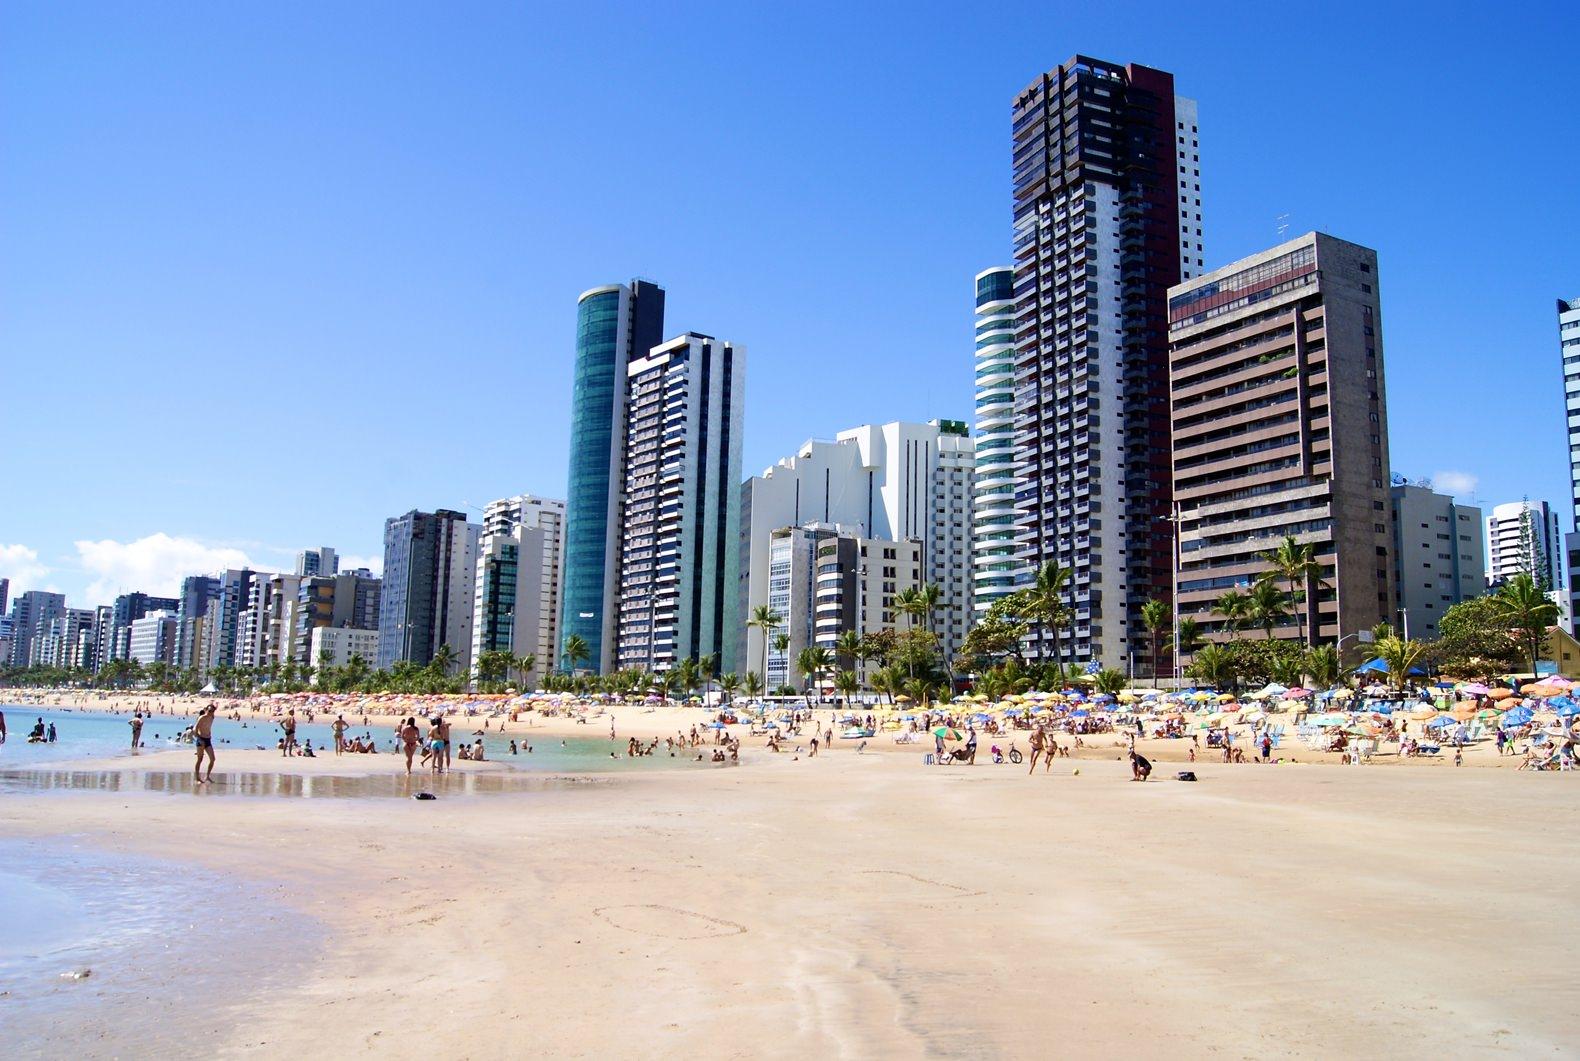 Praia Boa Viagem, Recife